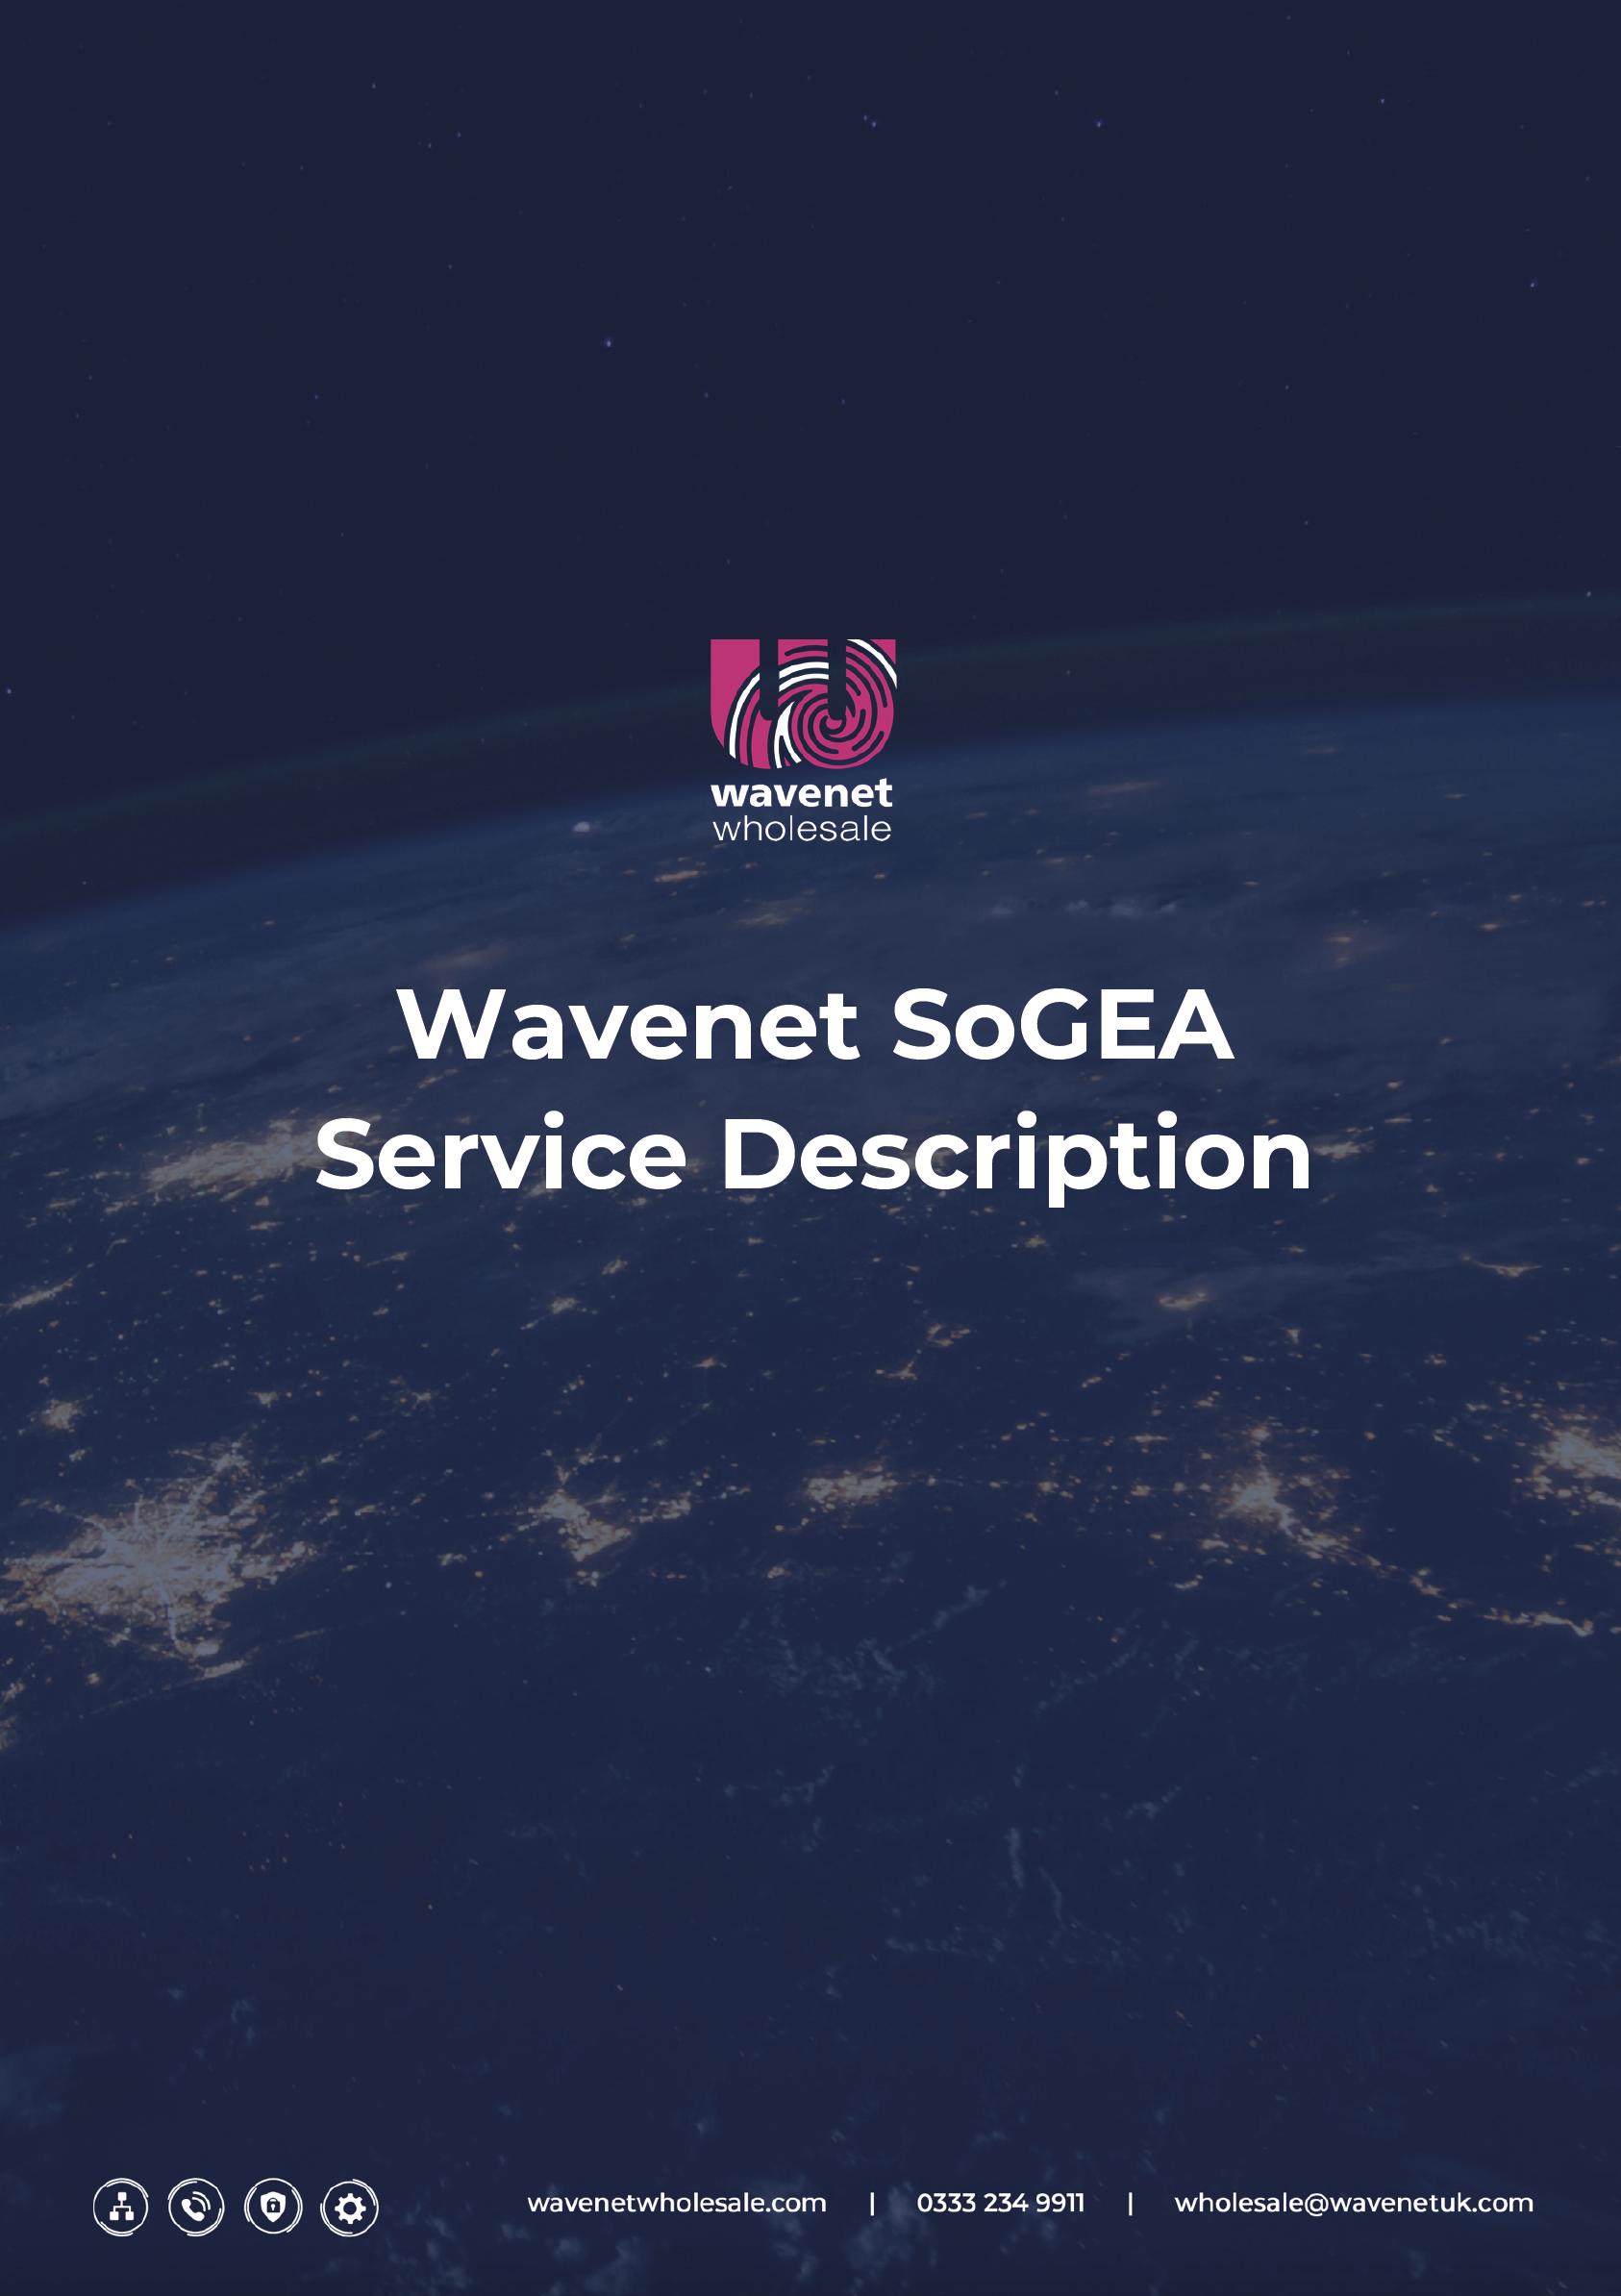 Wavenet Wholesale SoGEA Service Description Cover